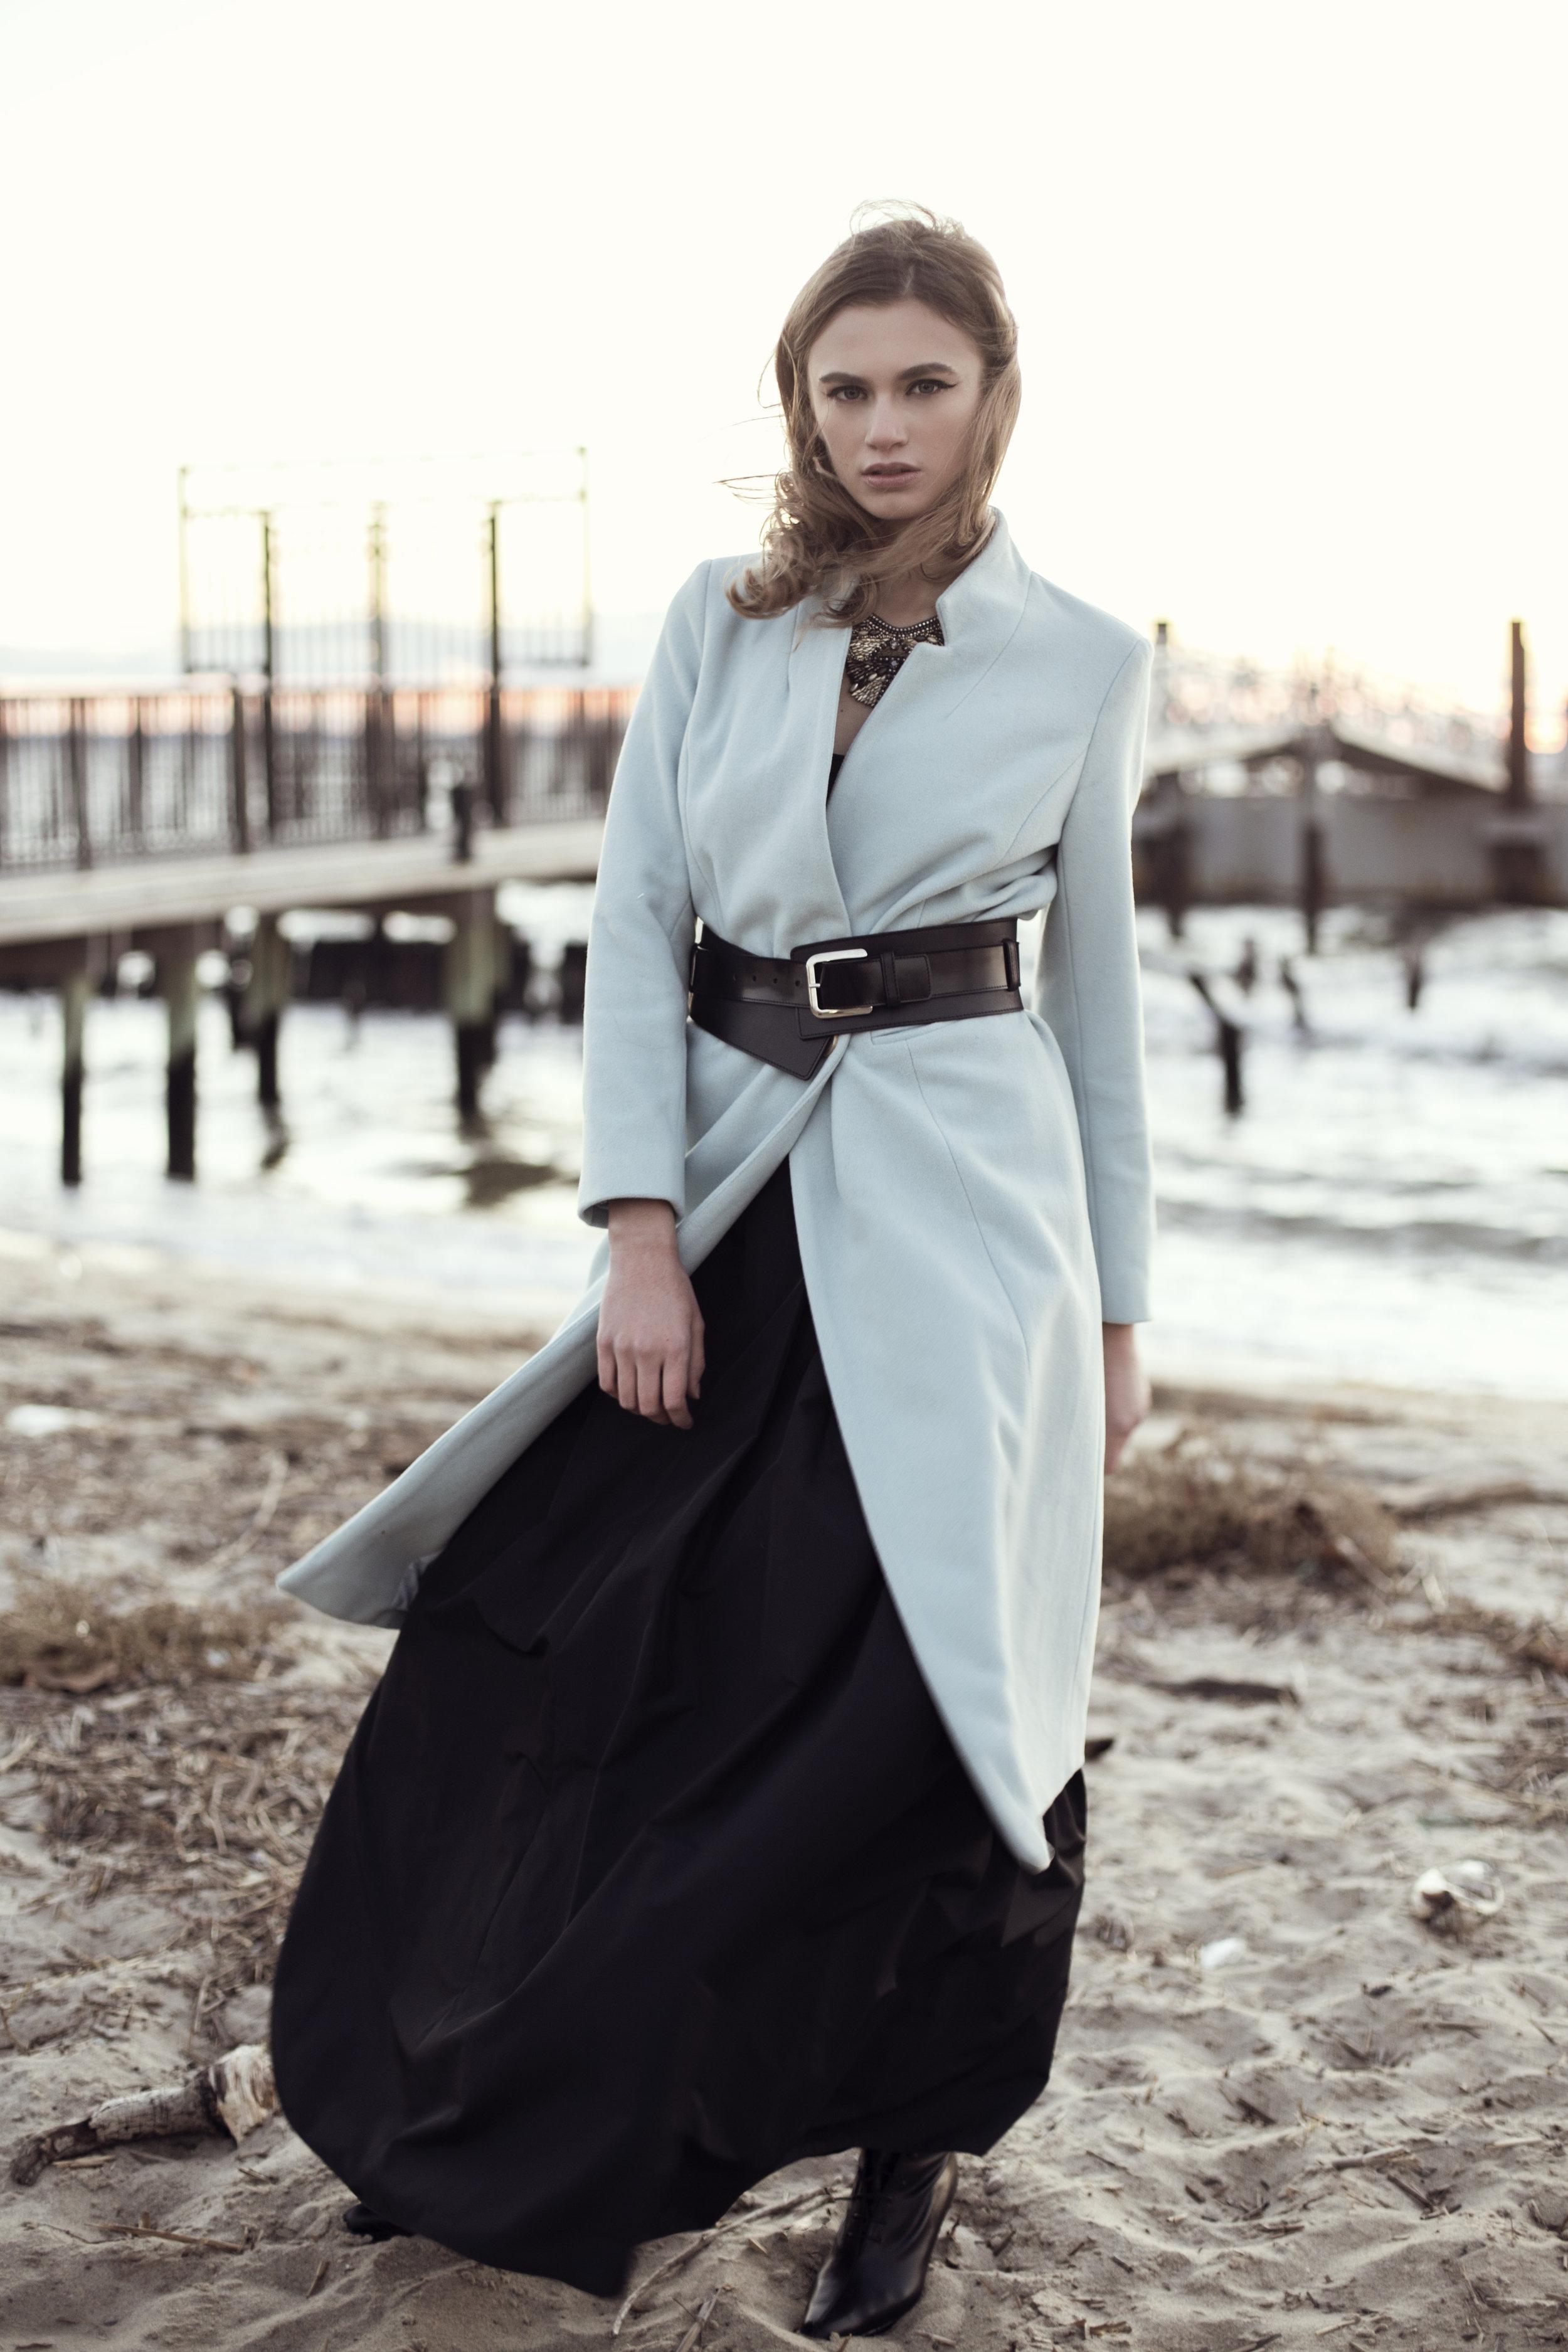 Jacket: A Piece Apart, Belt: Club Monaco, Skirt: Yvette Creation Paris, Shoes: Michel Perry, Necklace: Deepa Gurmani